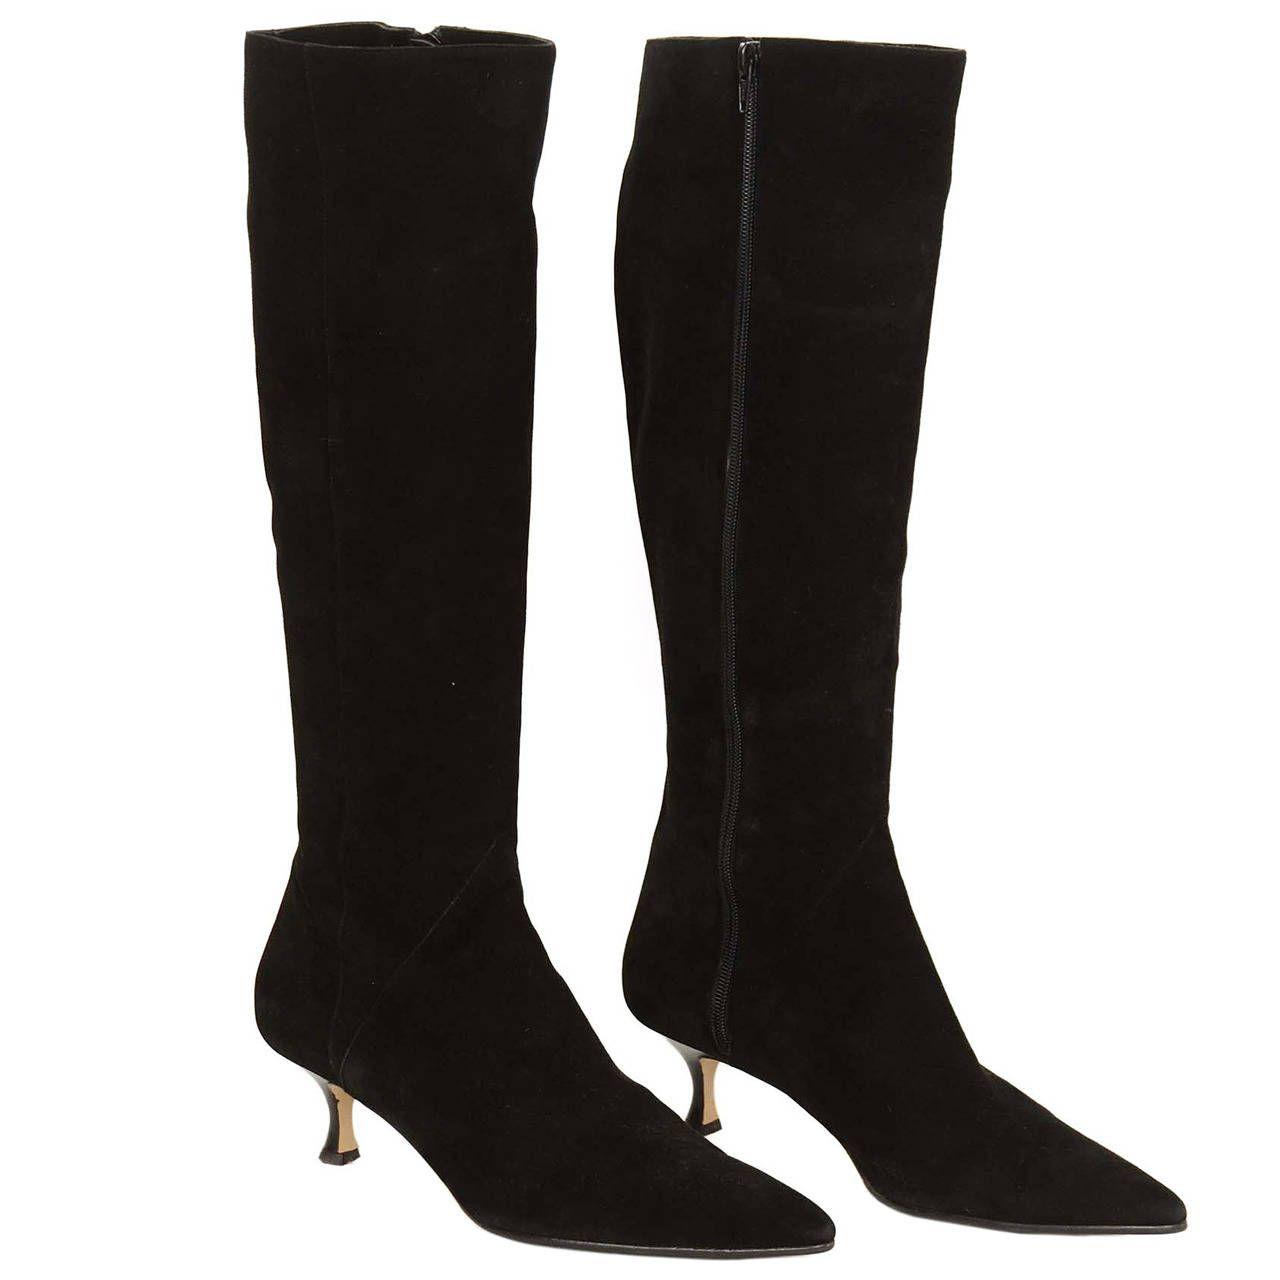 Manolo Blahnik Black Suede Tall Boots W Kitten Heel Sz 42 1stdibs Com Manolo Blahnik Heels Manolo Blahnik Boots